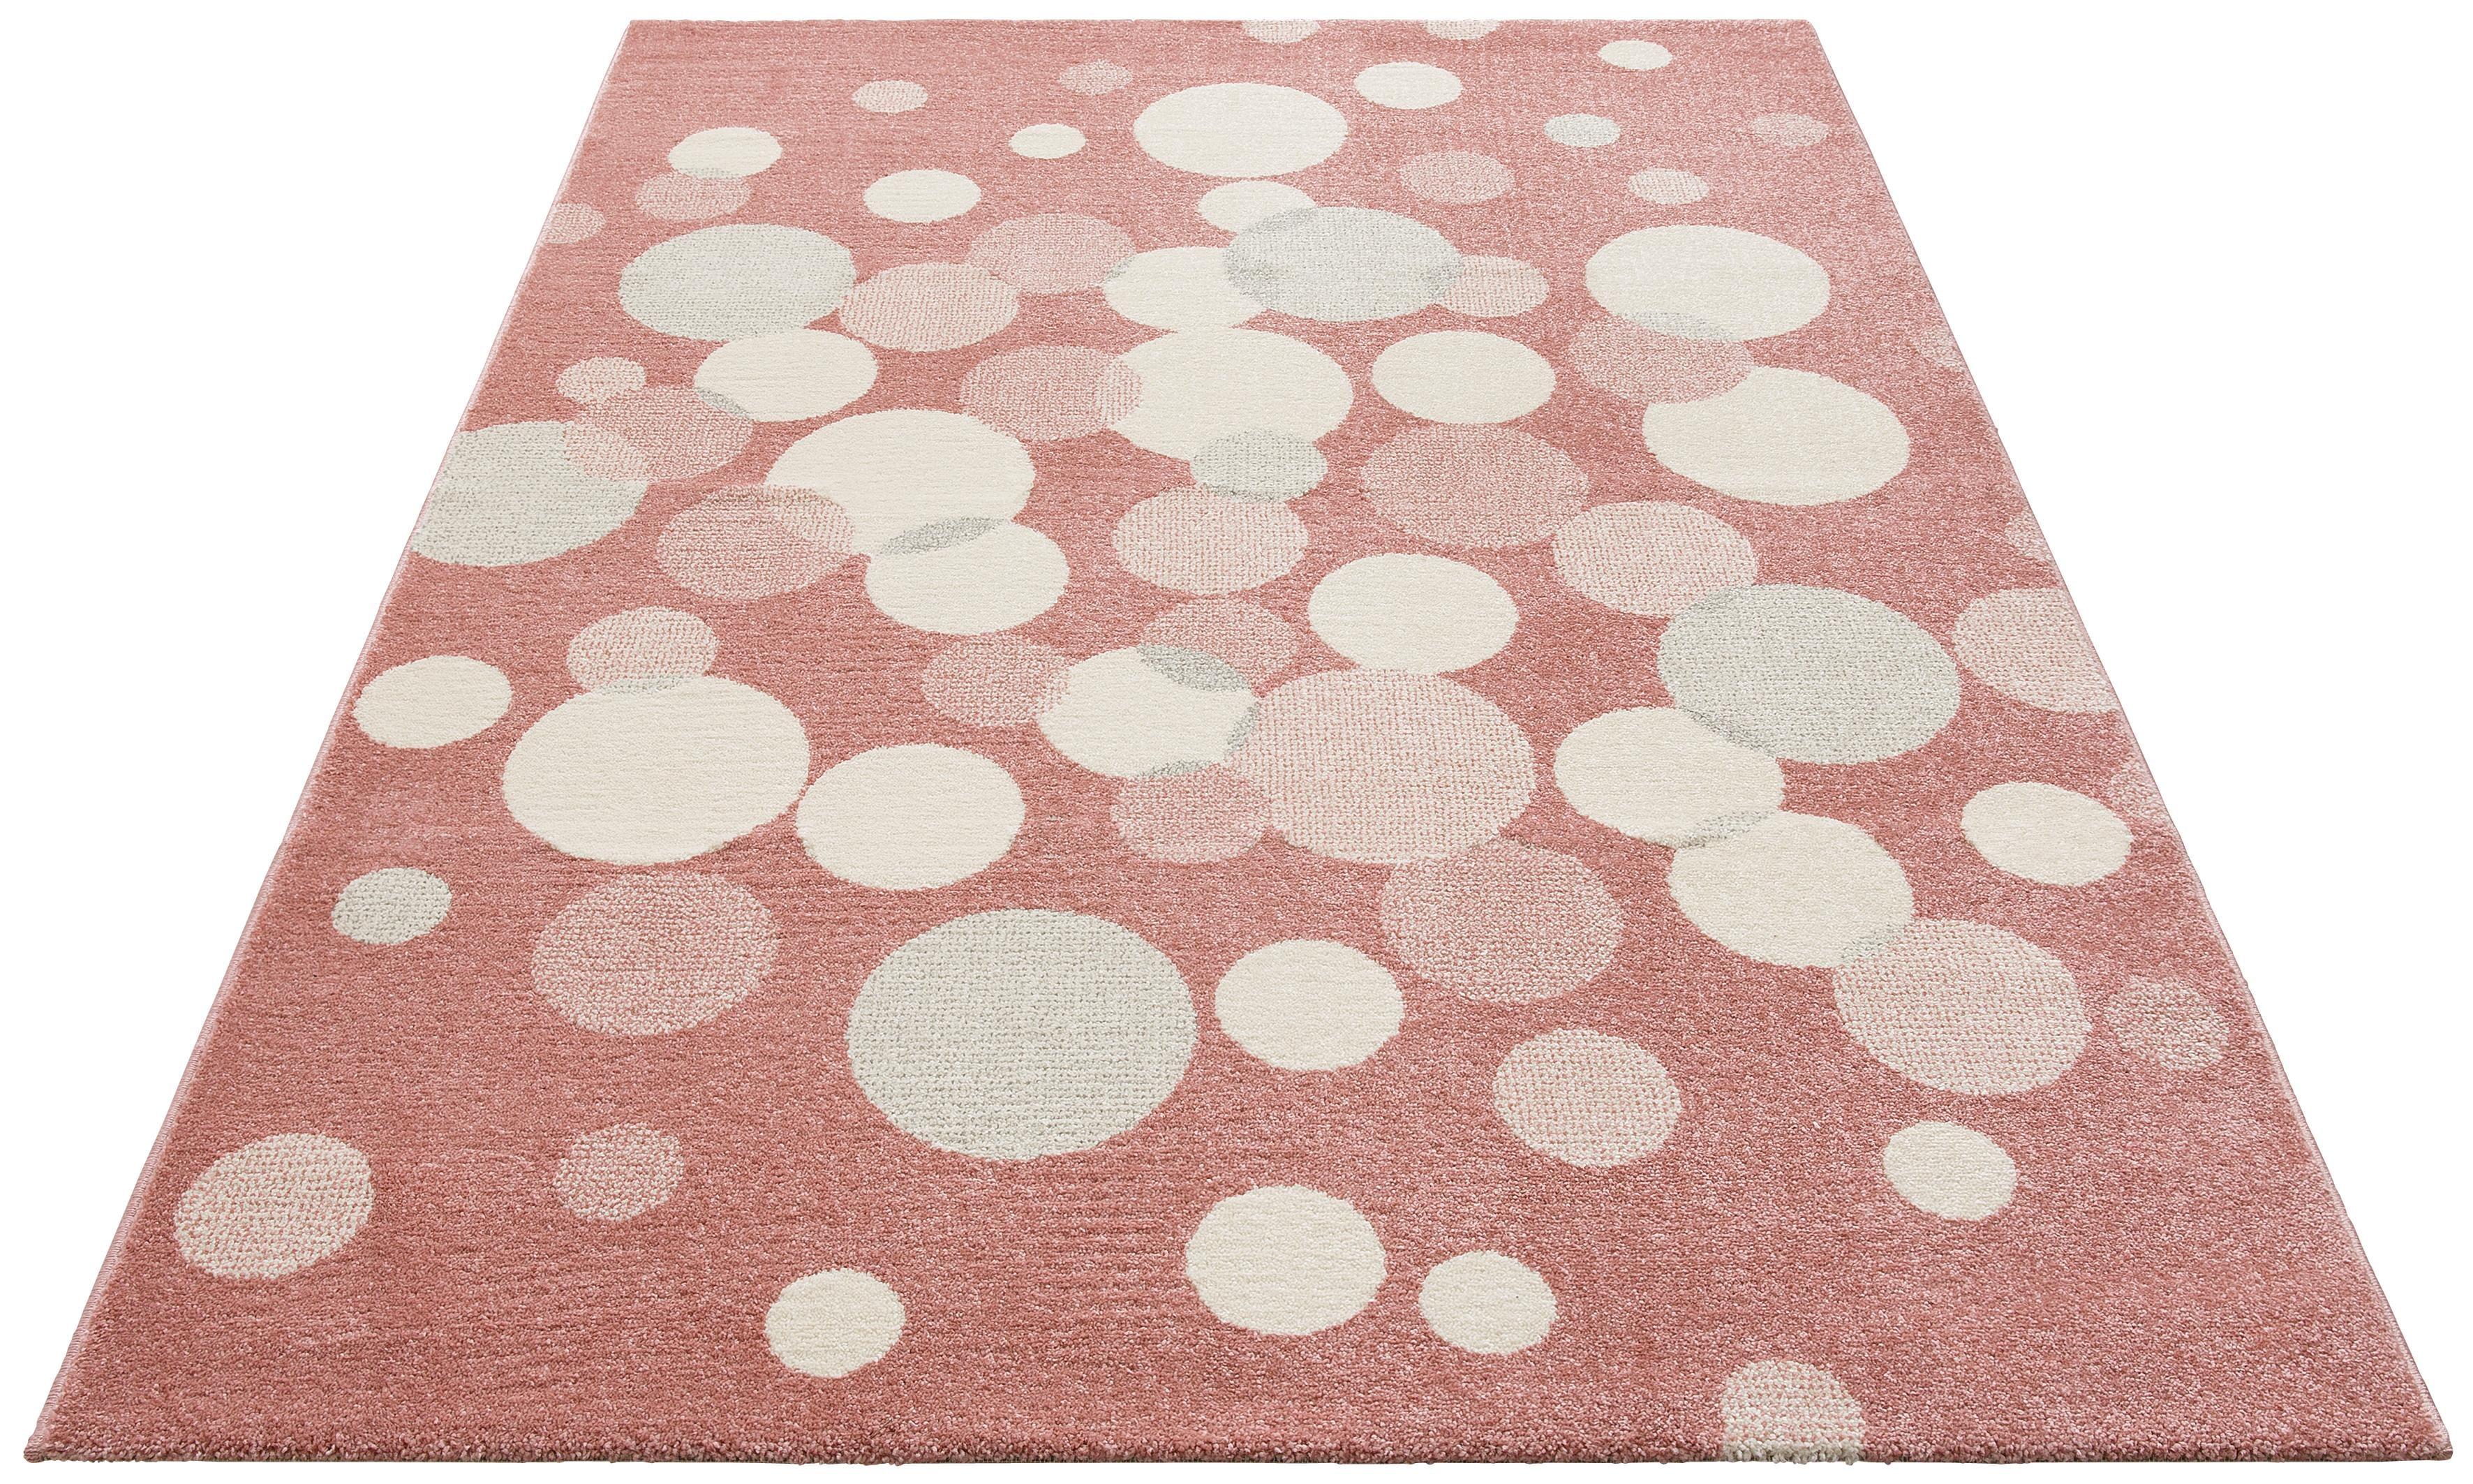 Teppich Danu my home rechteckig Höhe 13 mm maschinell gewebt